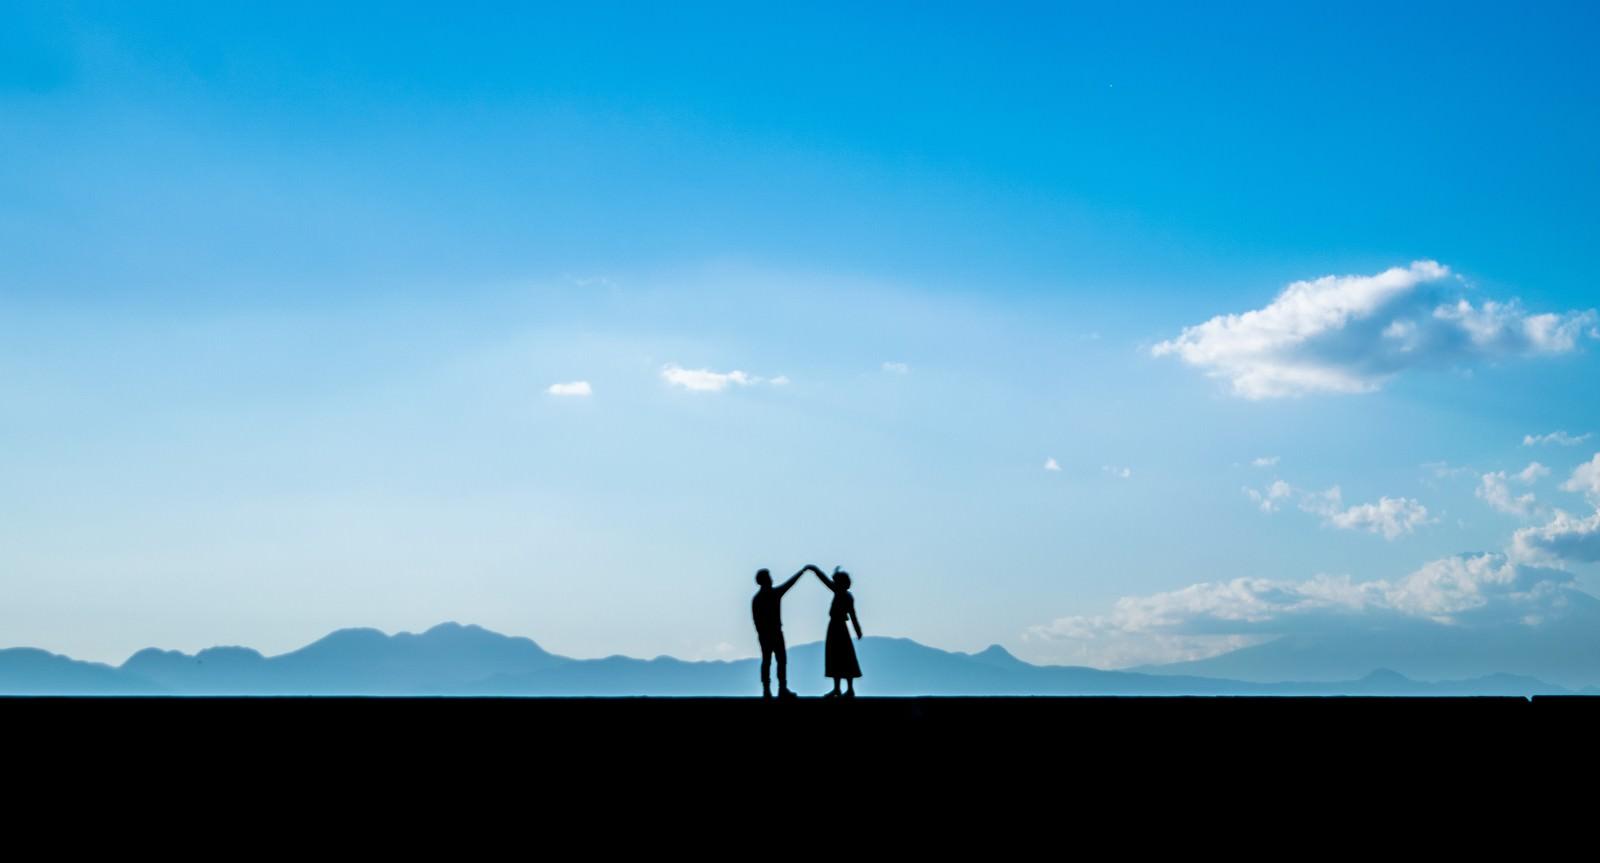 「つないで手を離さないカップル(シルエット) | 写真の無料素材・フリー素材 - ぱくたそ」の写真